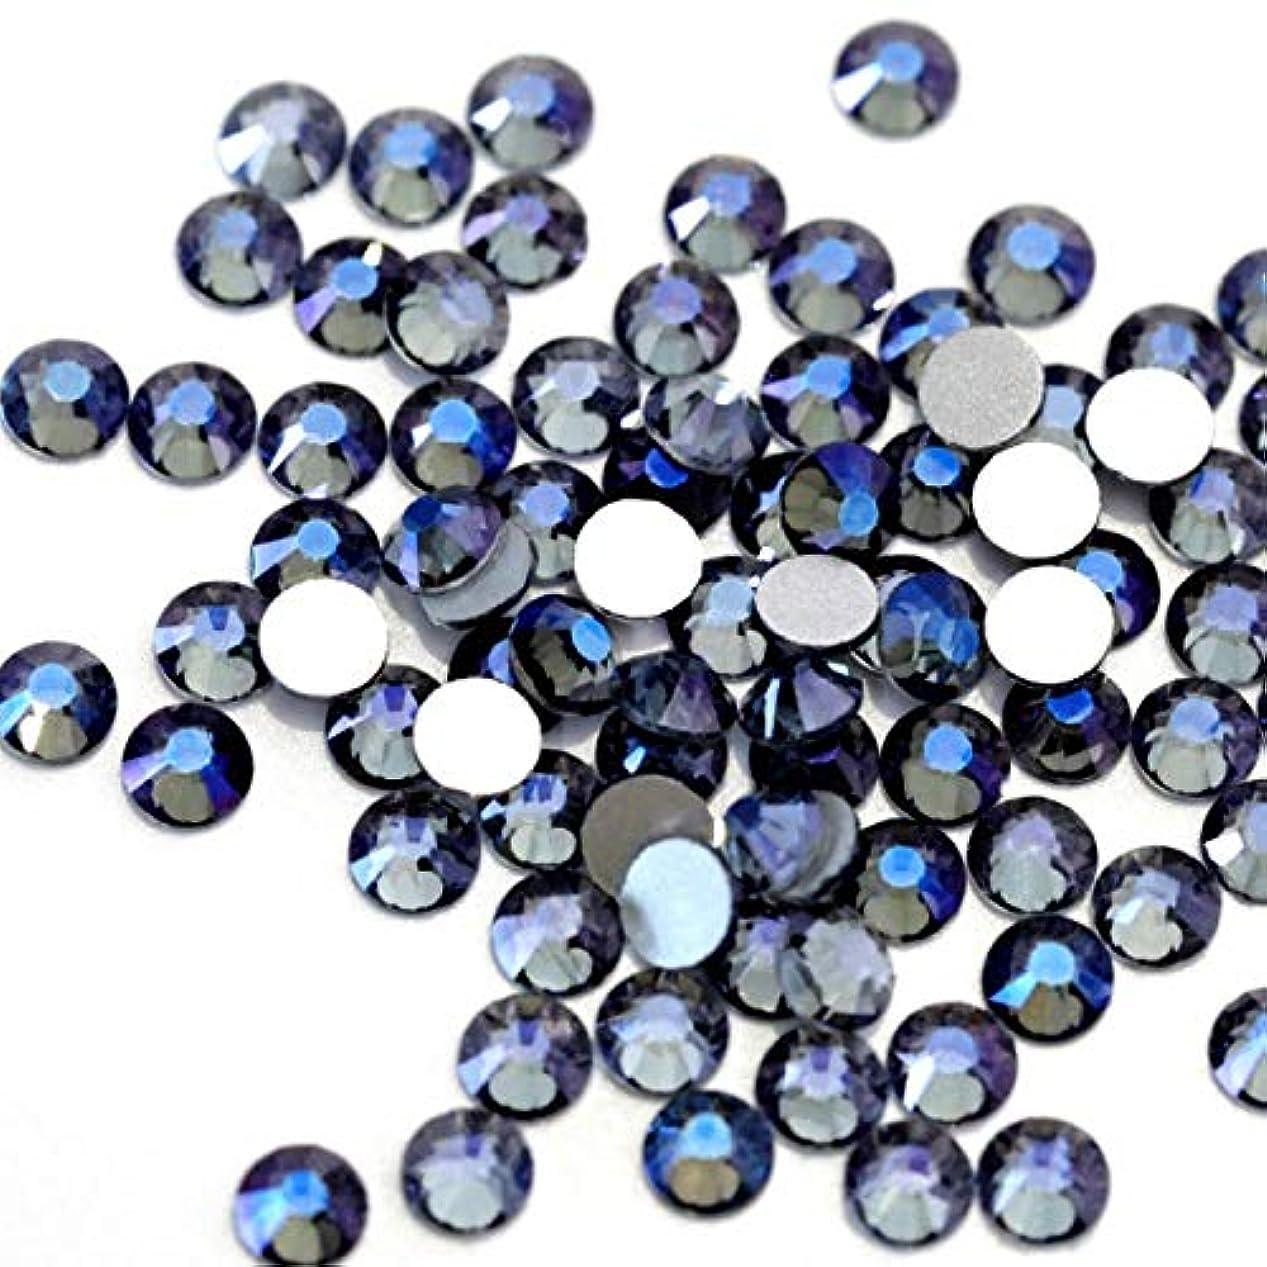 目に見える設計図条件付き【ラインストーン77】高品質ガラス製ラインストーン 色/サイズ選択可 SS3~SS50 スワロフスキー同等 (パープルゴースト, SS16:約4.0mm(約150粒))